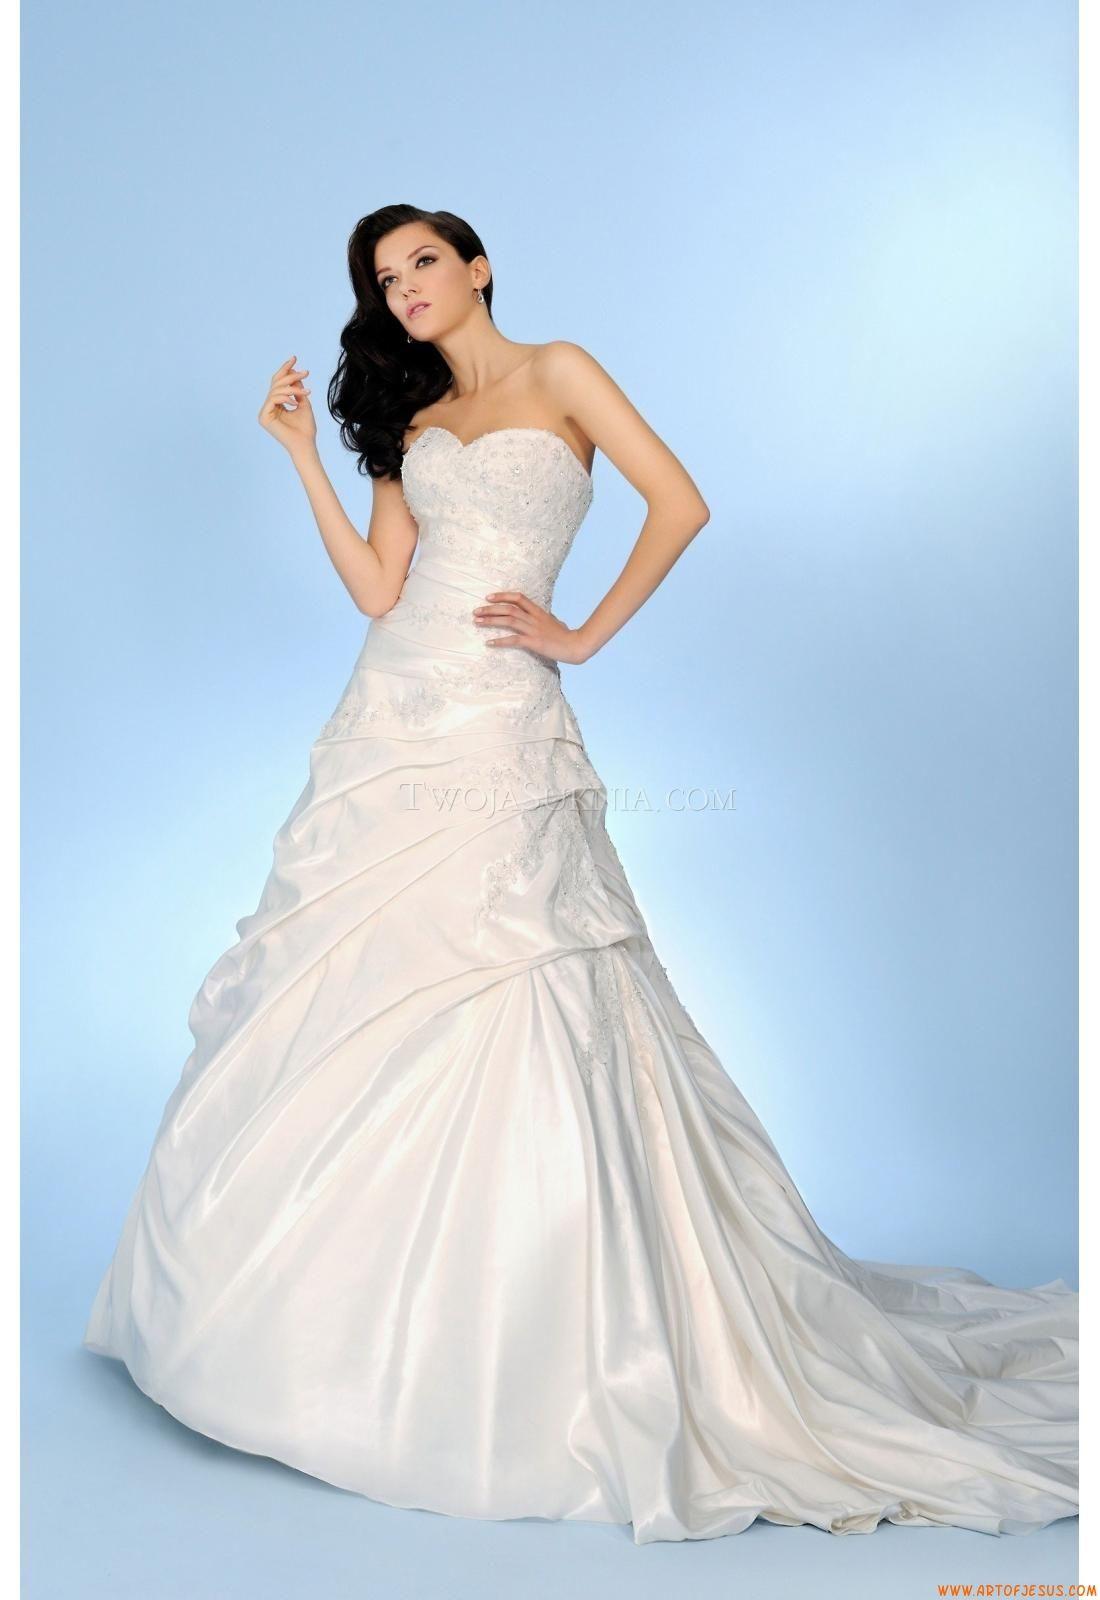 Großartig Spitze Brautkleid Uk Fotos - Hochzeit Kleid Stile Ideen ...